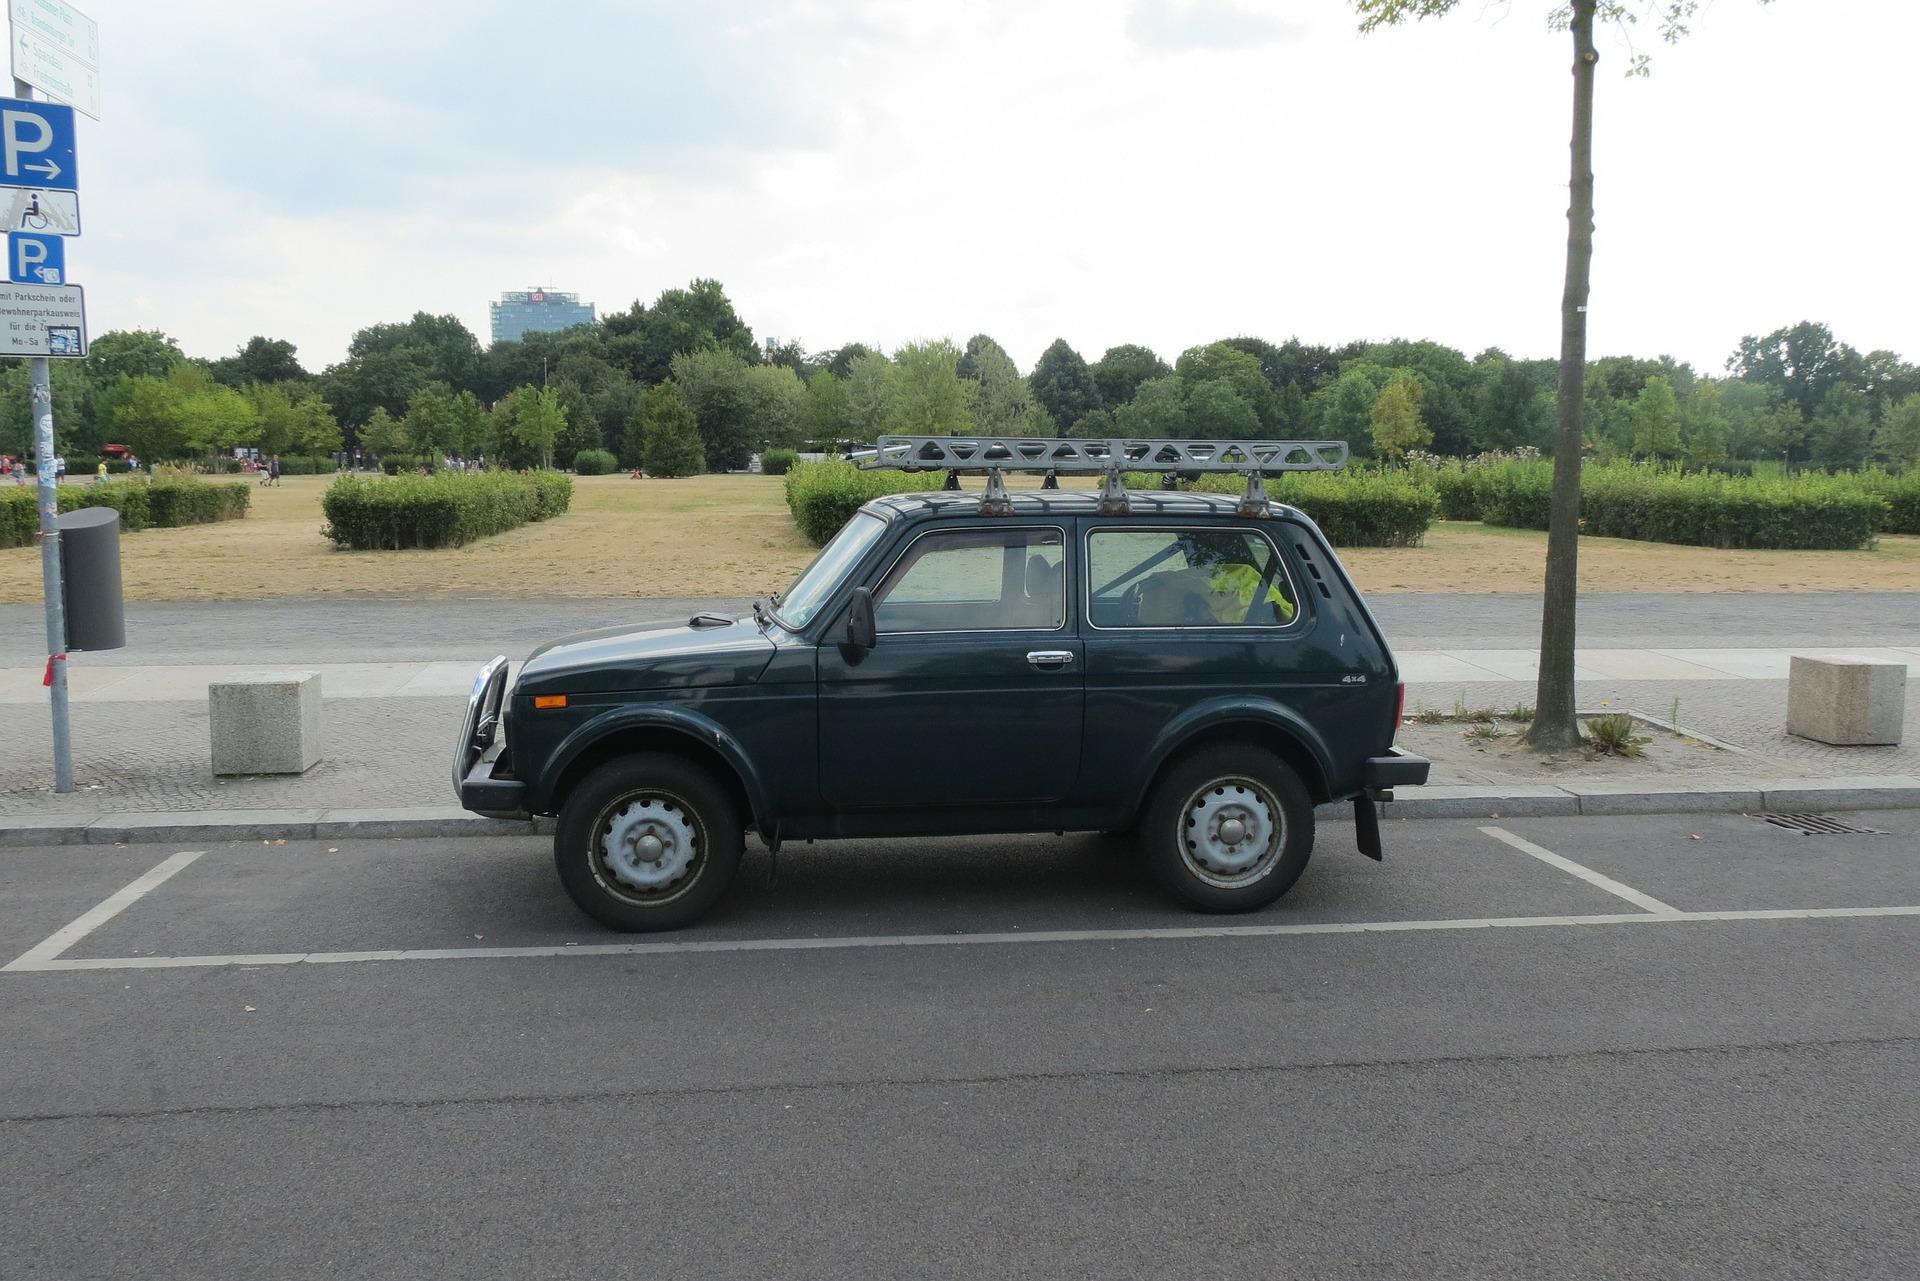 Pet kultnih automobila na srpskim drumovima 3